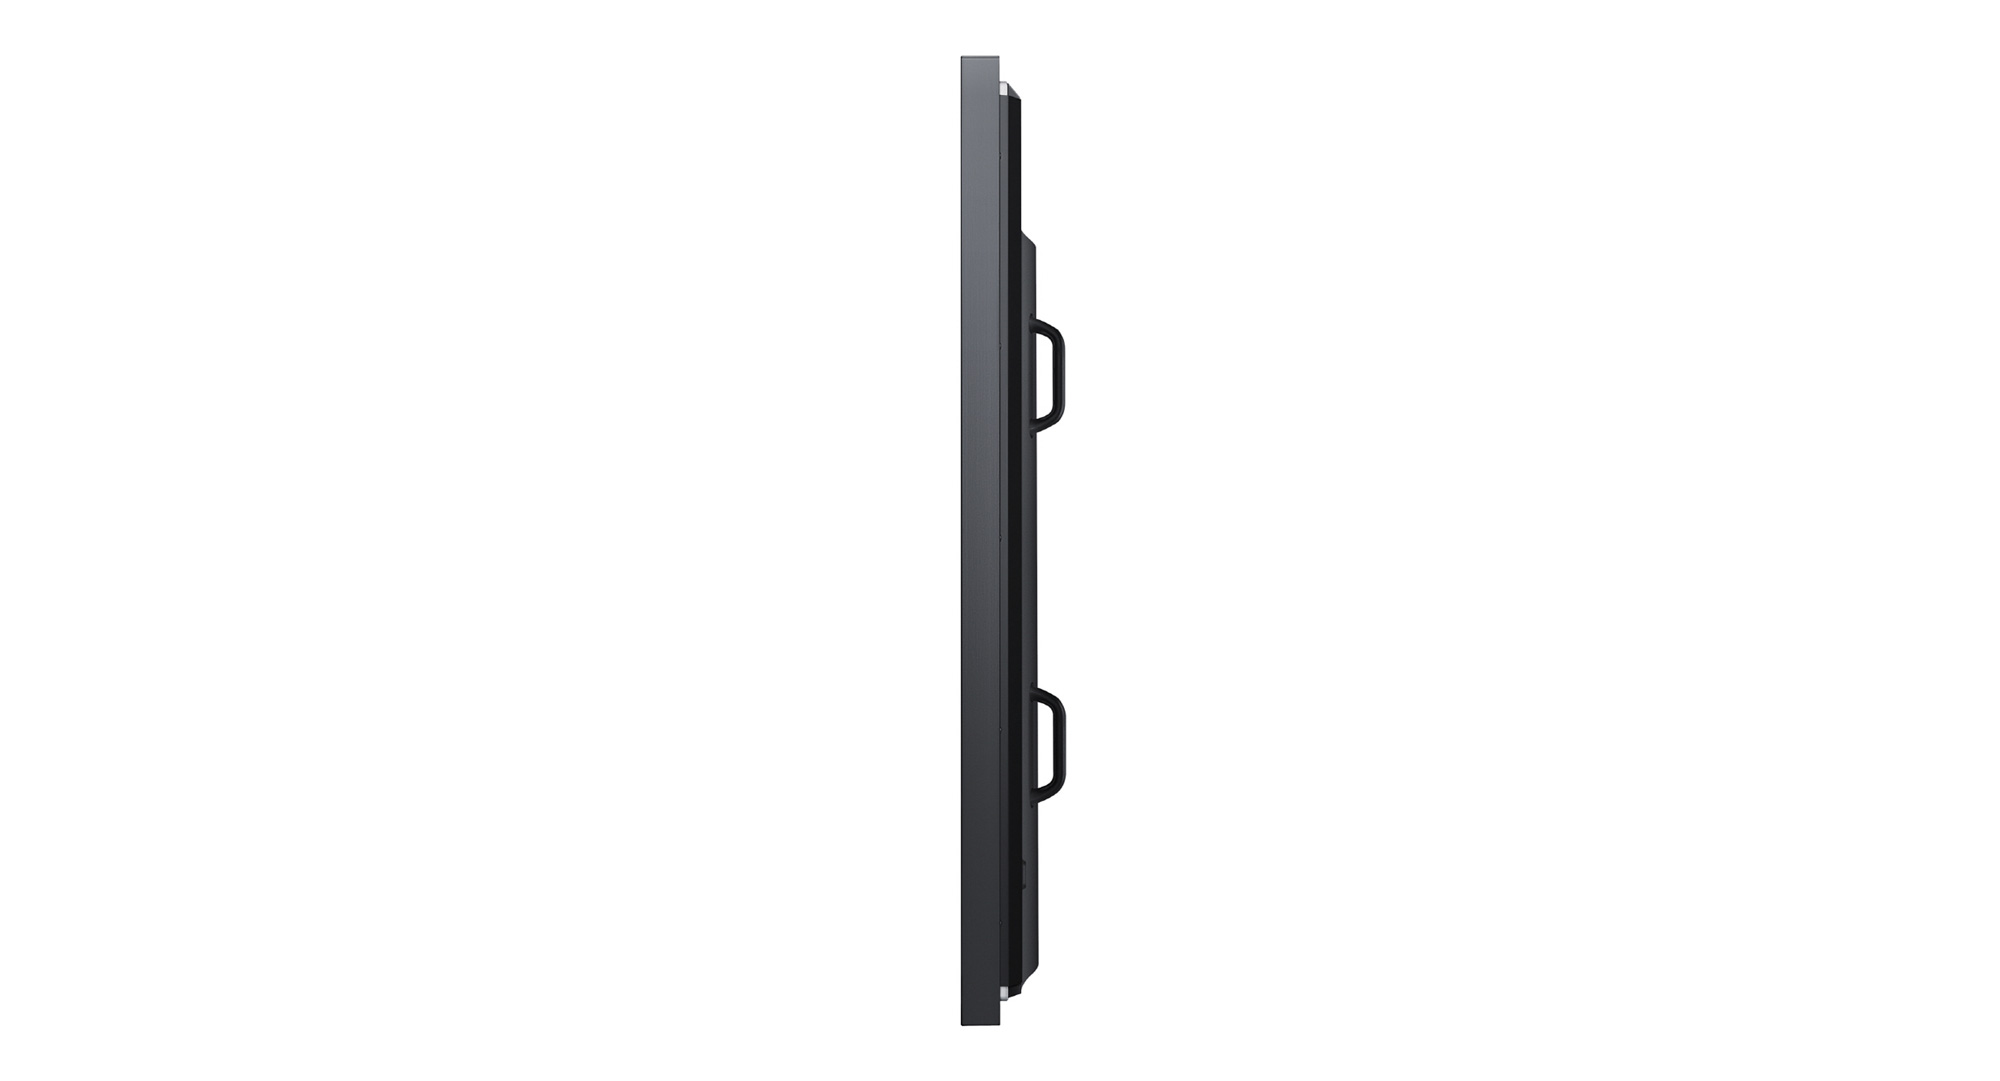 Samsung-DM85E-BR-side.jpg